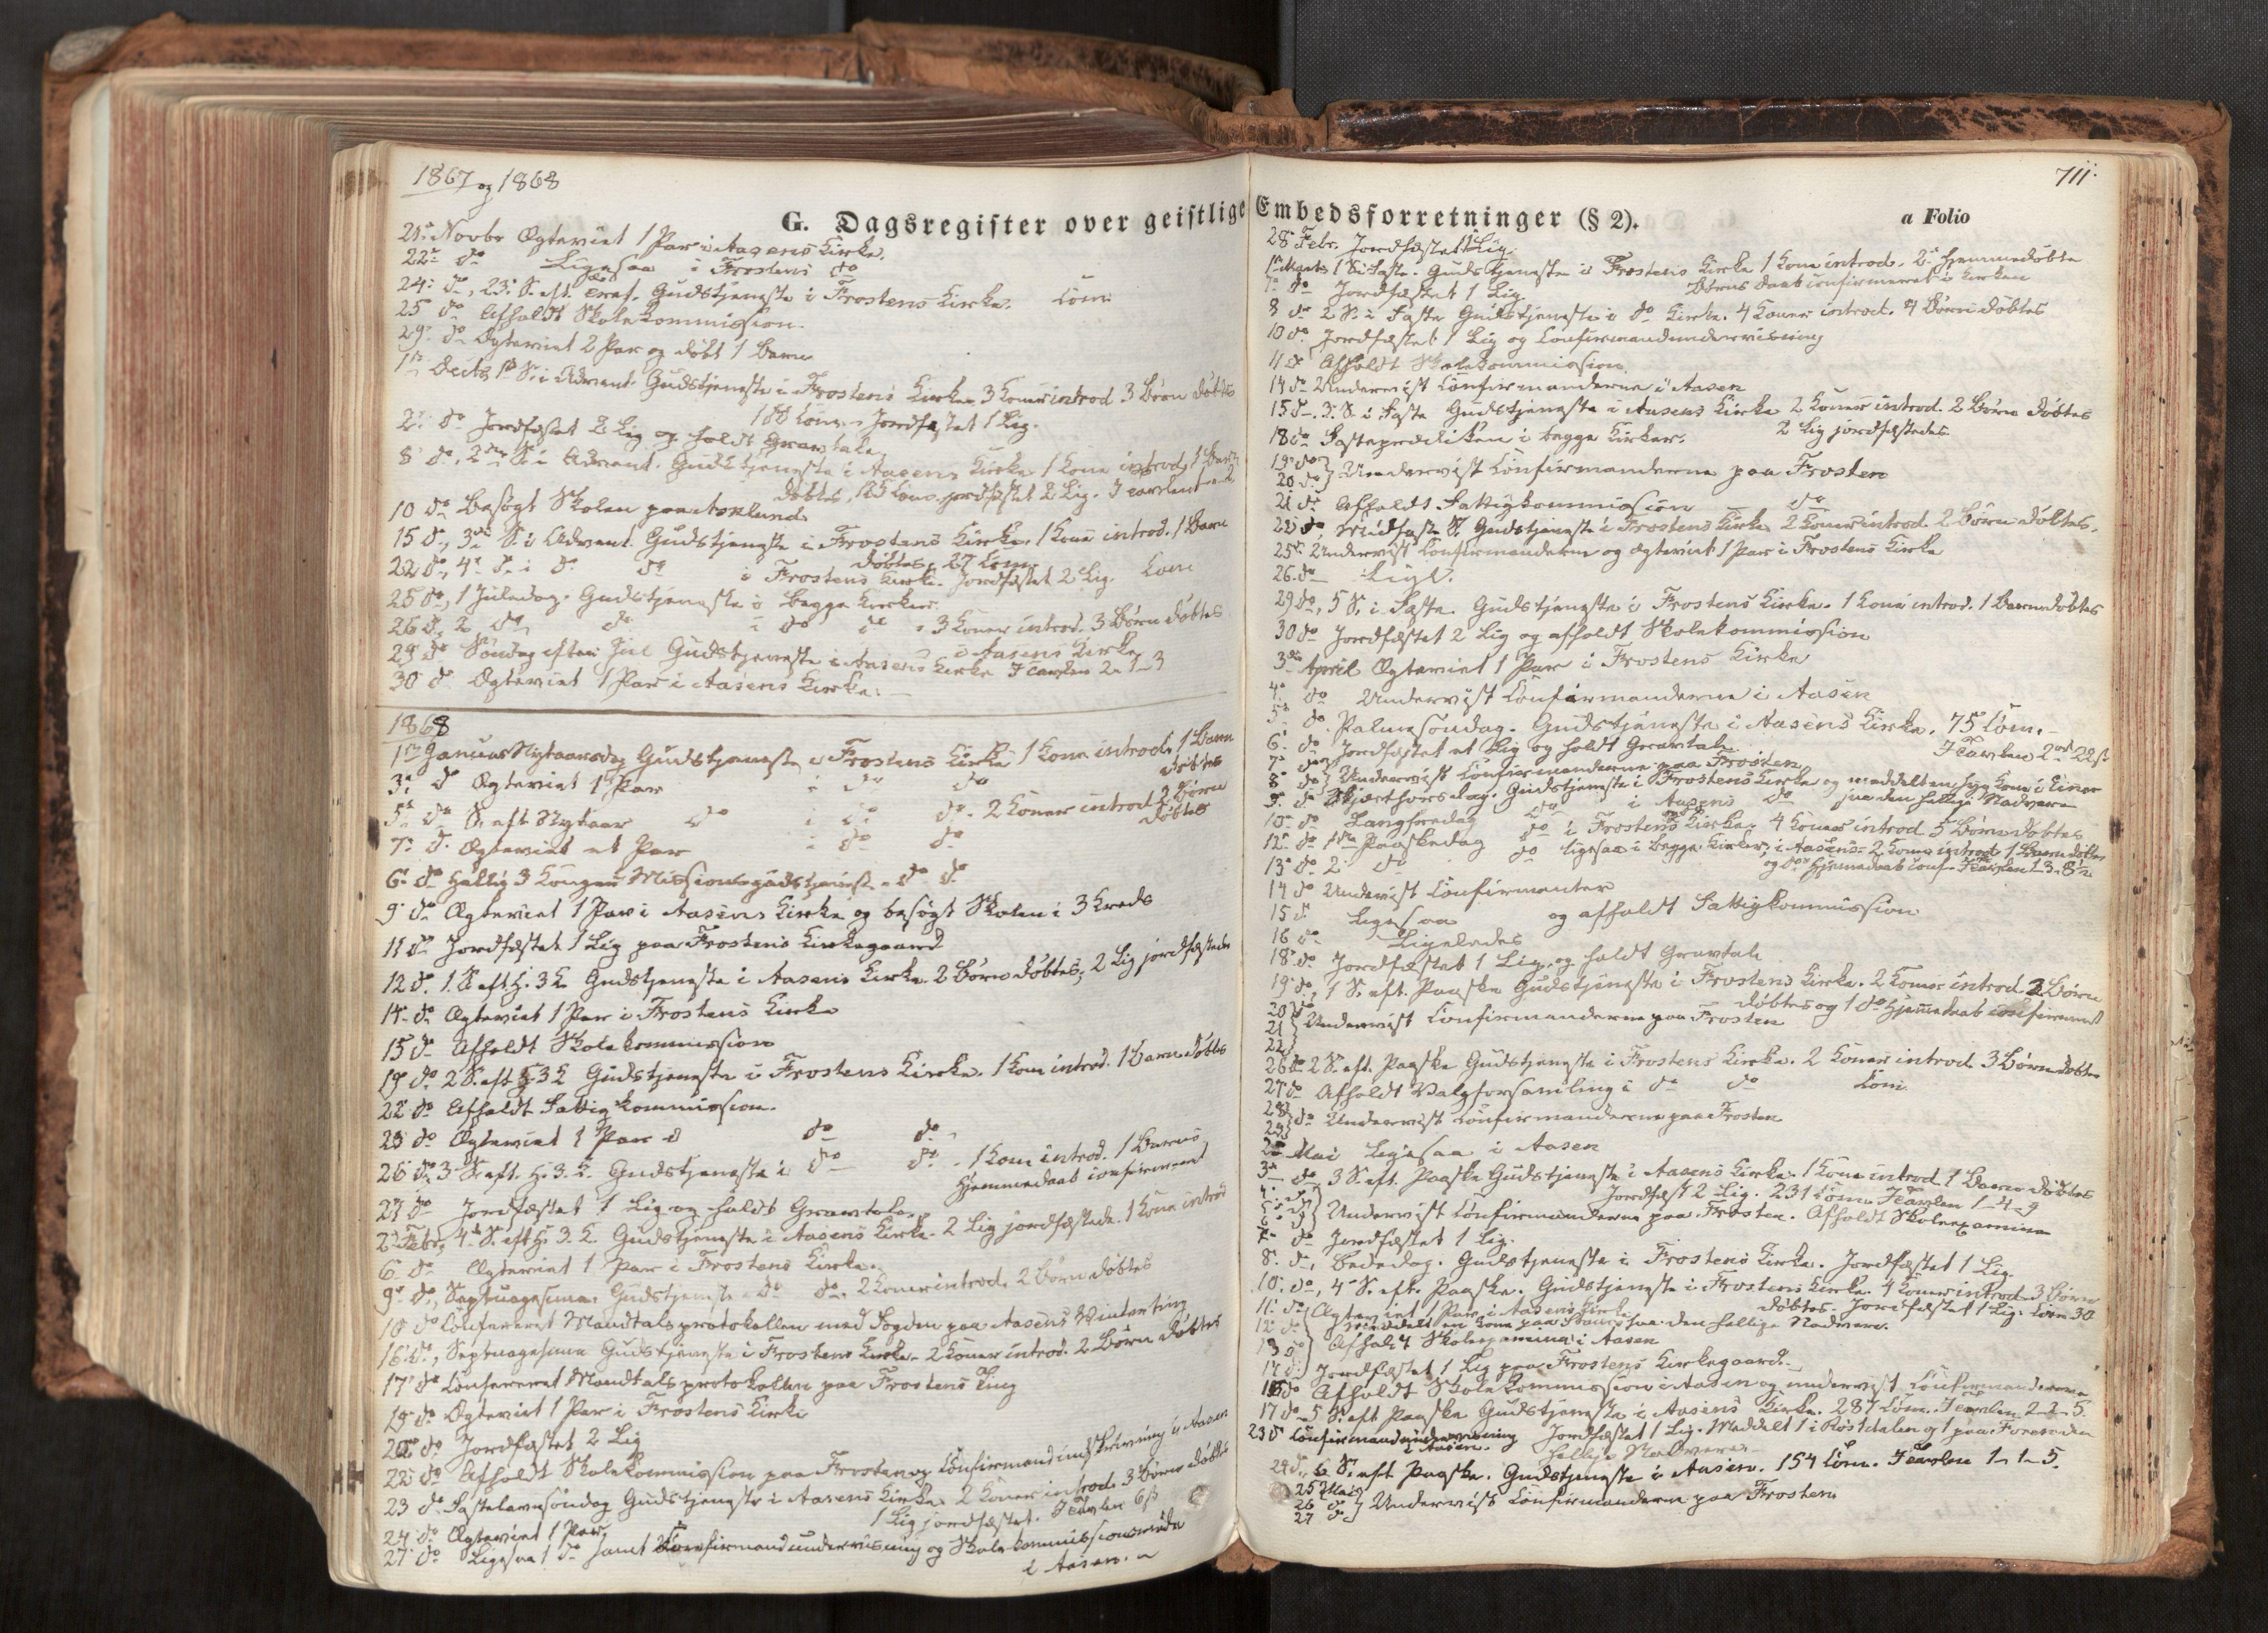 SAT, Ministerialprotokoller, klokkerbøker og fødselsregistre - Nord-Trøndelag, 713/L0116: Ministerialbok nr. 713A07, 1850-1877, s. 711